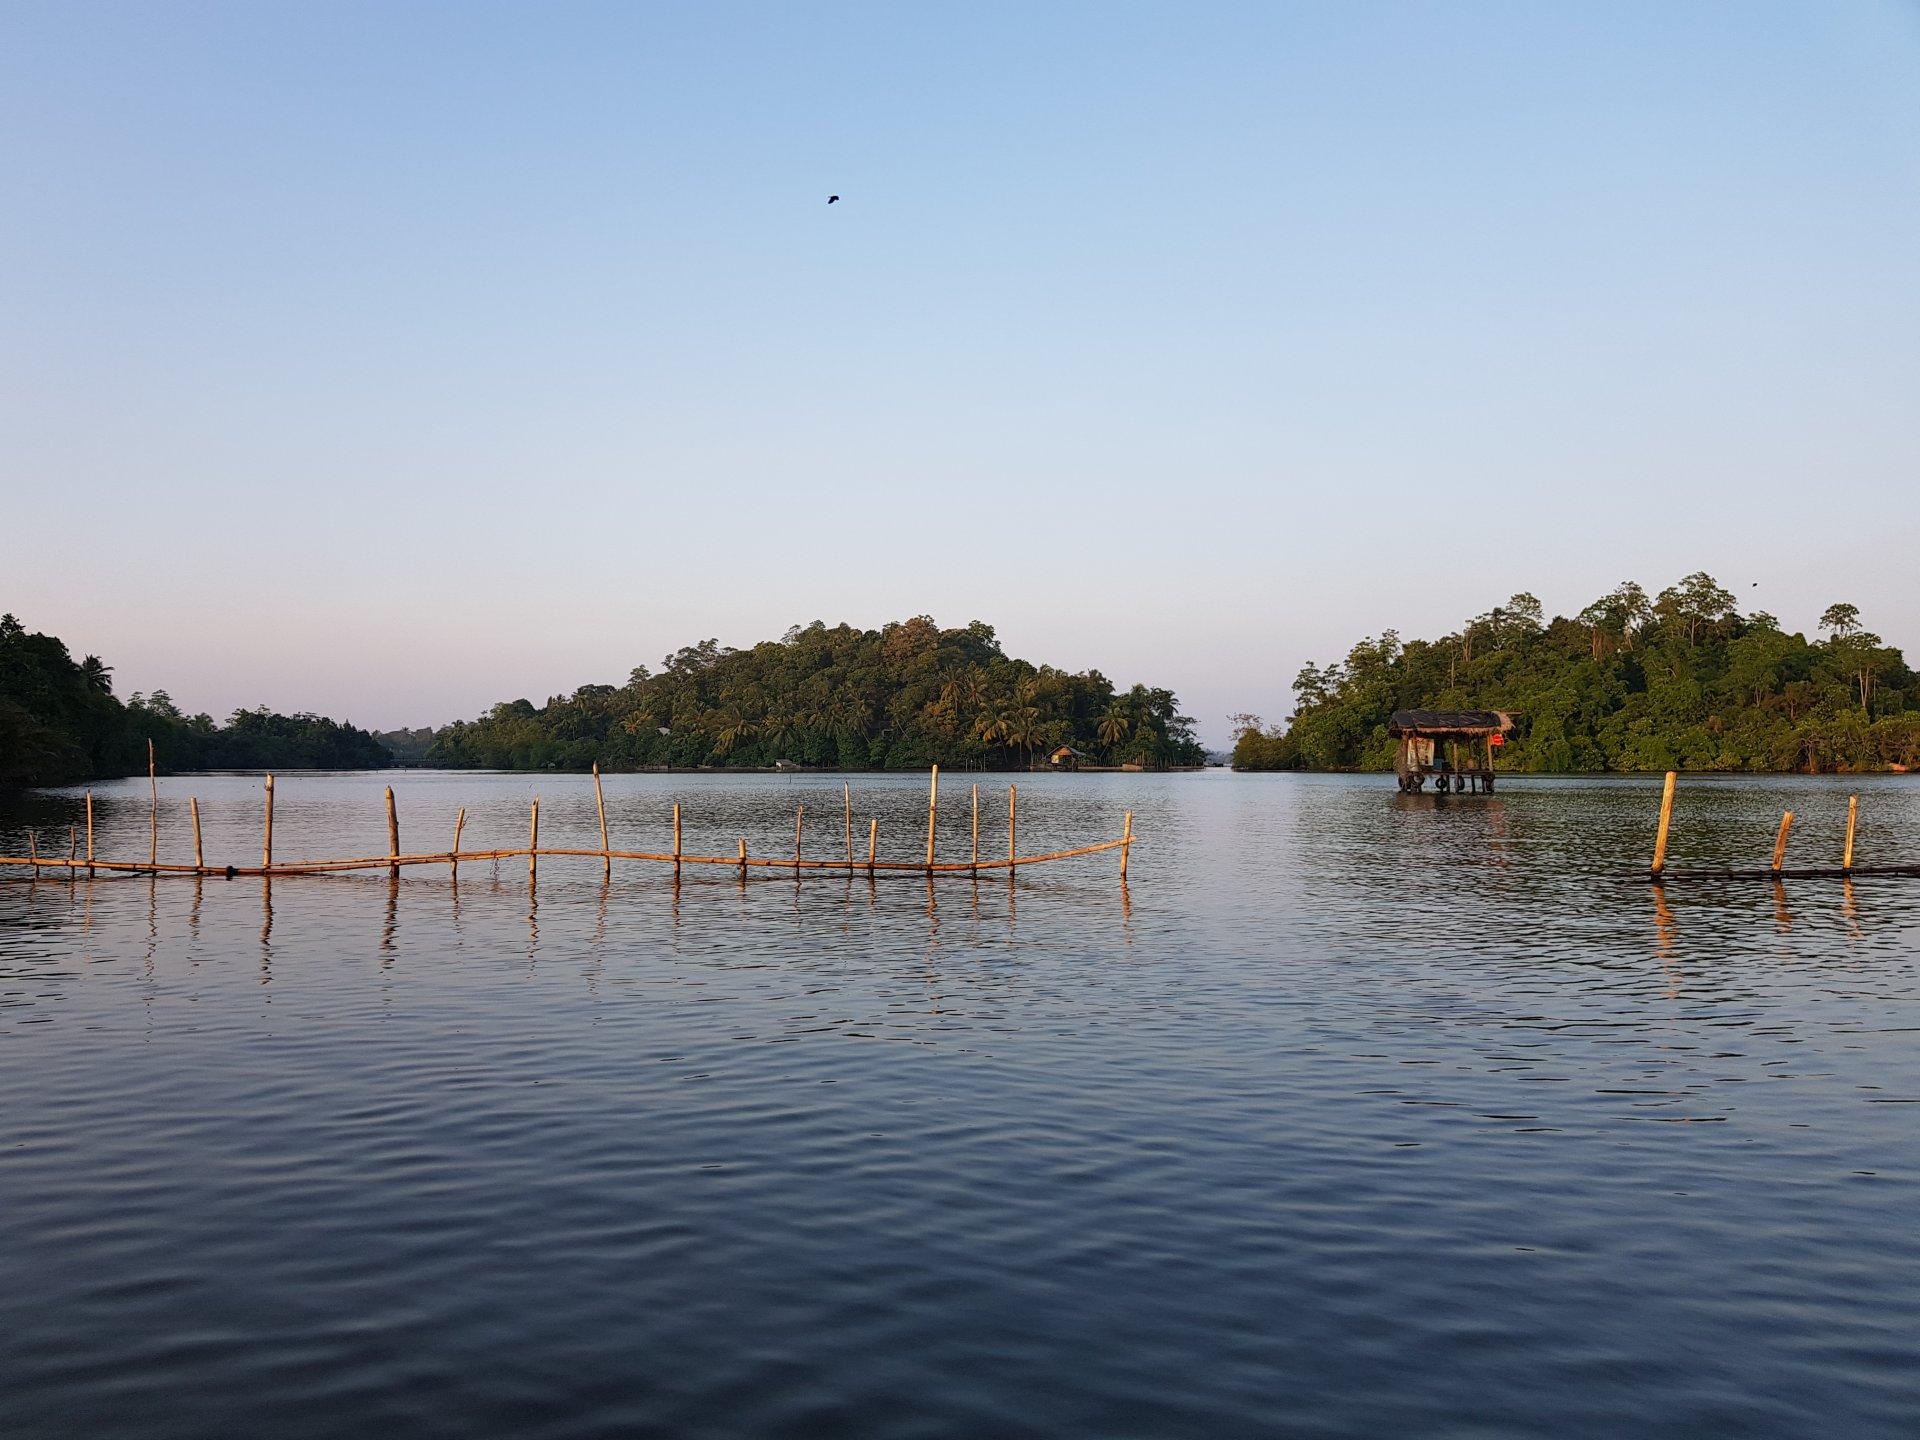 Хижина на воде, Шри-Ланка